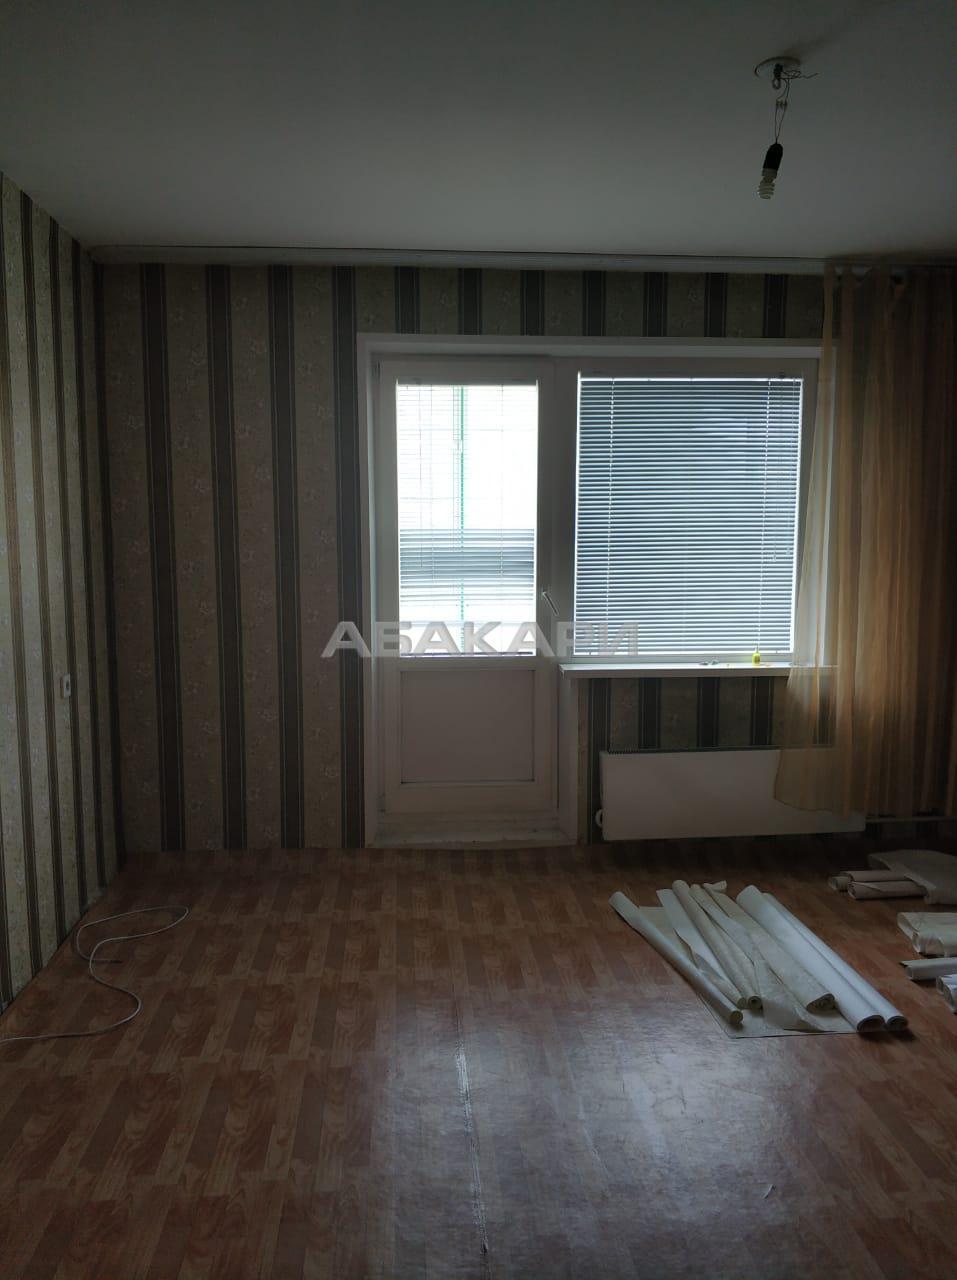 2к квартира улица Ястынская, 17 | 18000 | аренда в Красноярске фото 1